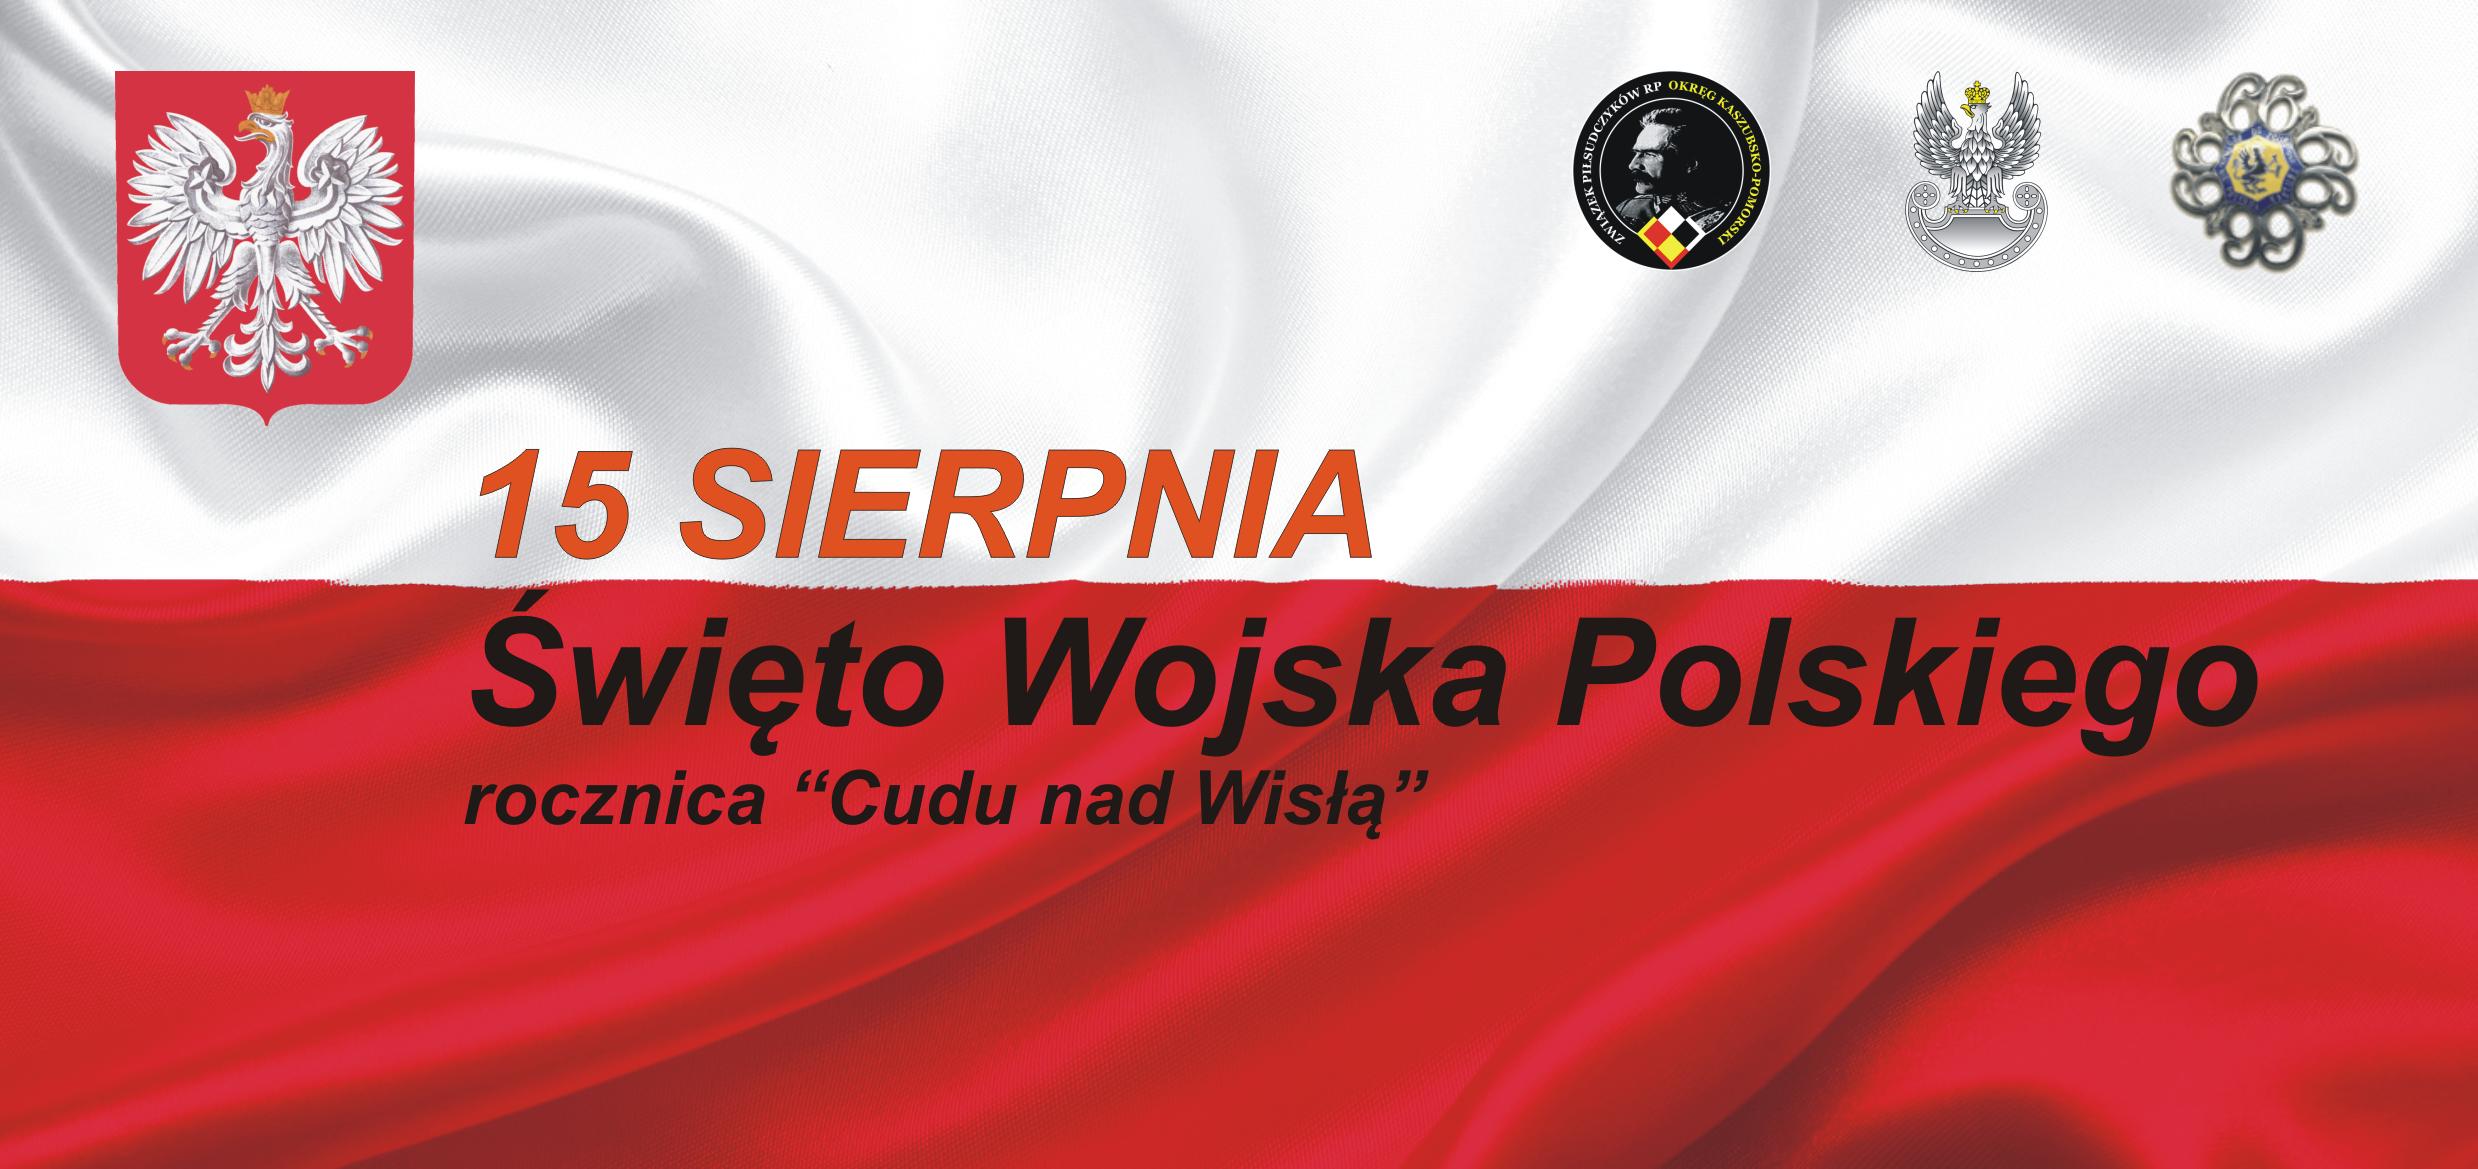 Uroczytość z okazji Święta Wojska Polskiego w Kartuzach